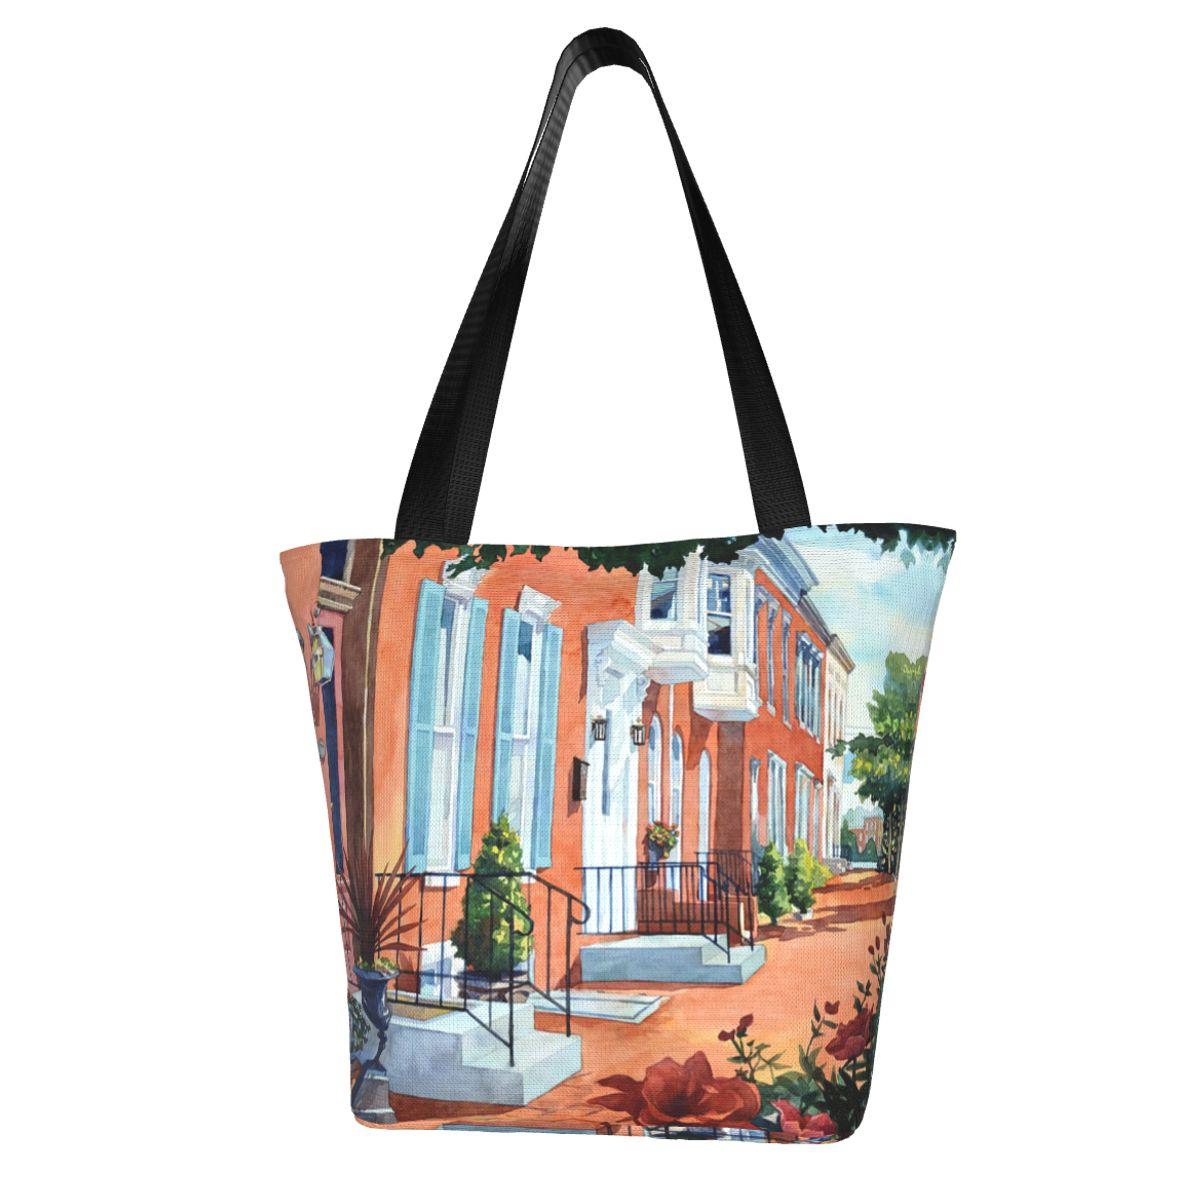 Роза хозяйственная сумка Уличная ткань сумки женские оптом эстетические сумки